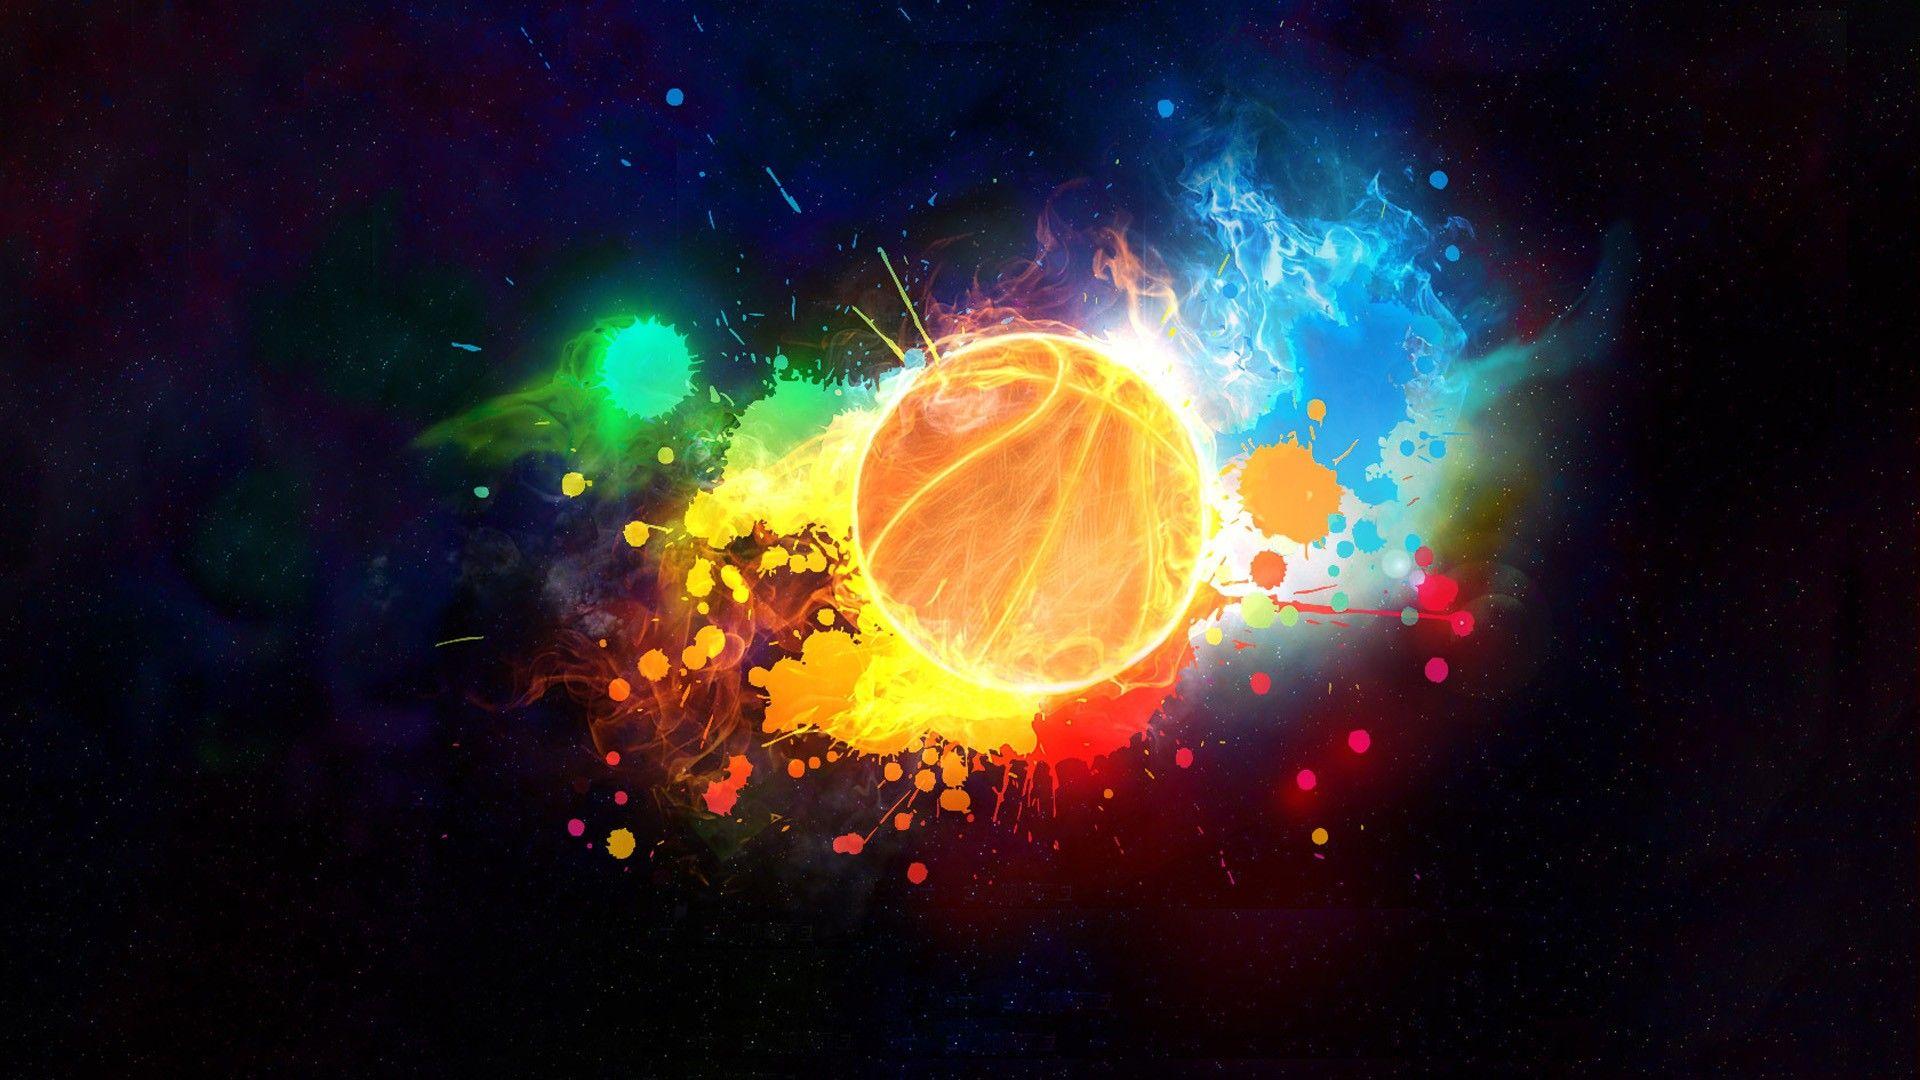 Basketball Wallpaper Best Basketball Wallpapers 2020 1920x1080